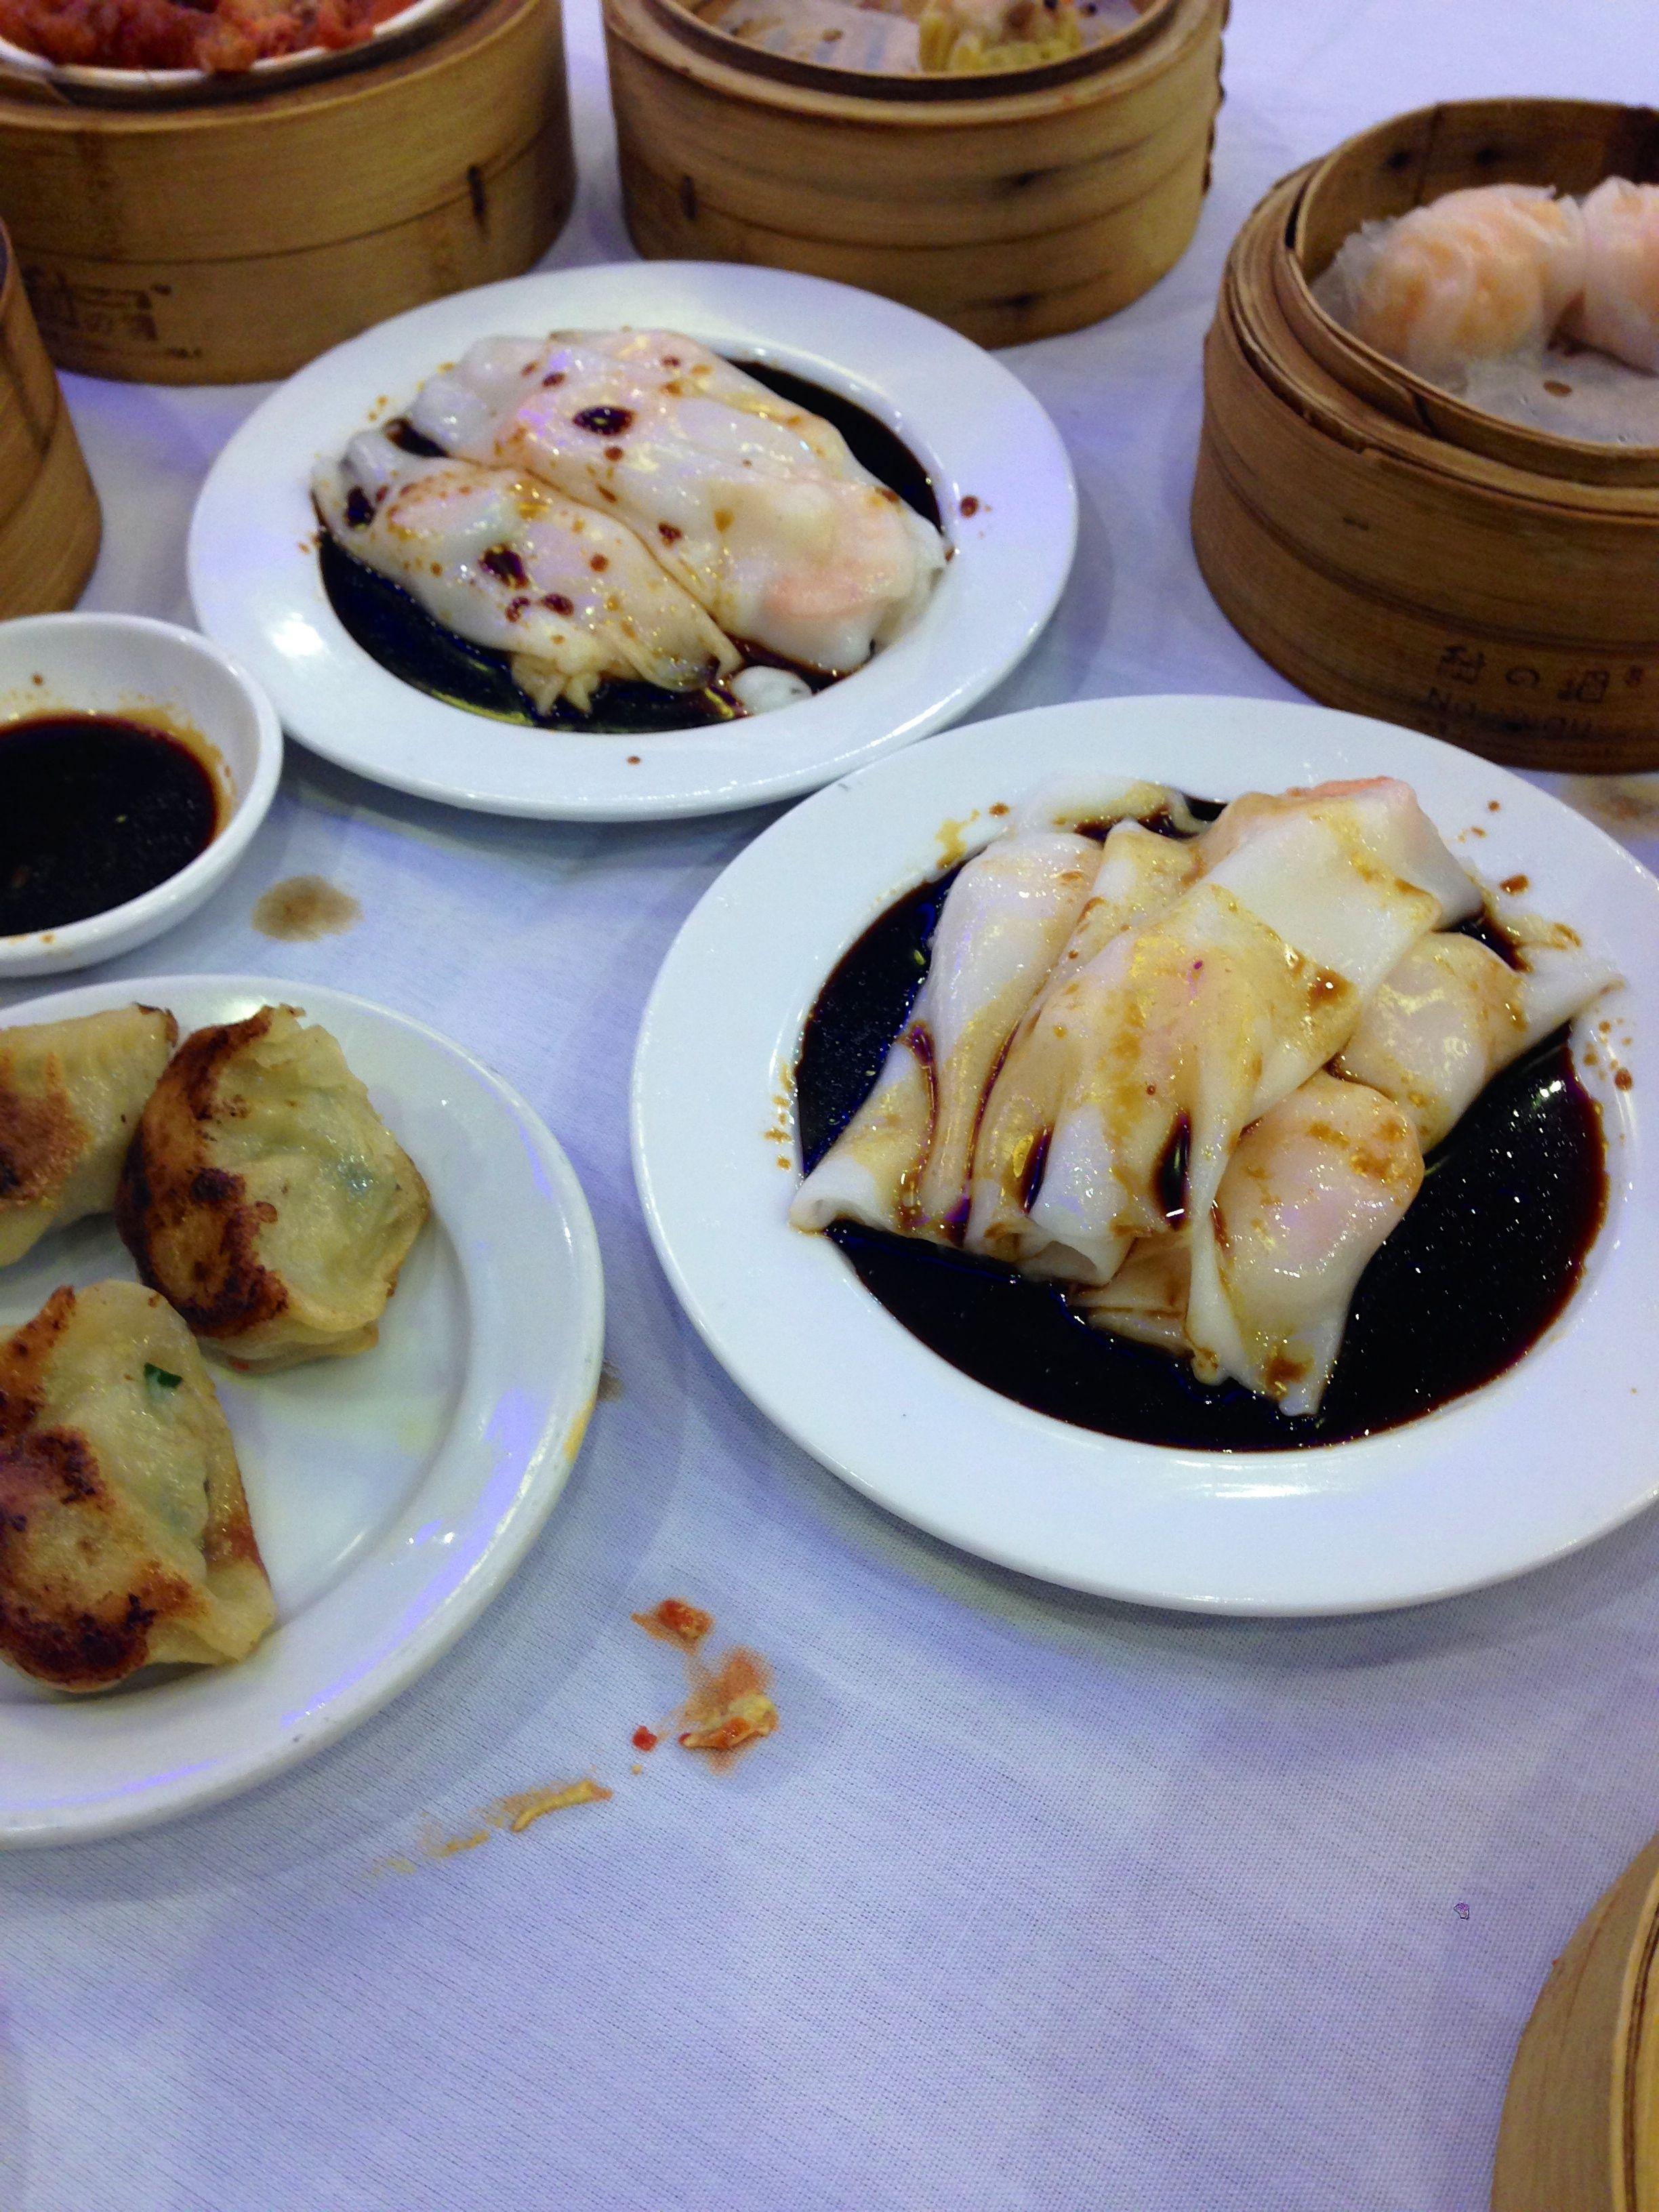 Golden Unicorn Dimsum Nyc Dimsum Ricenoodle Food Dim Sum Rice Noodles